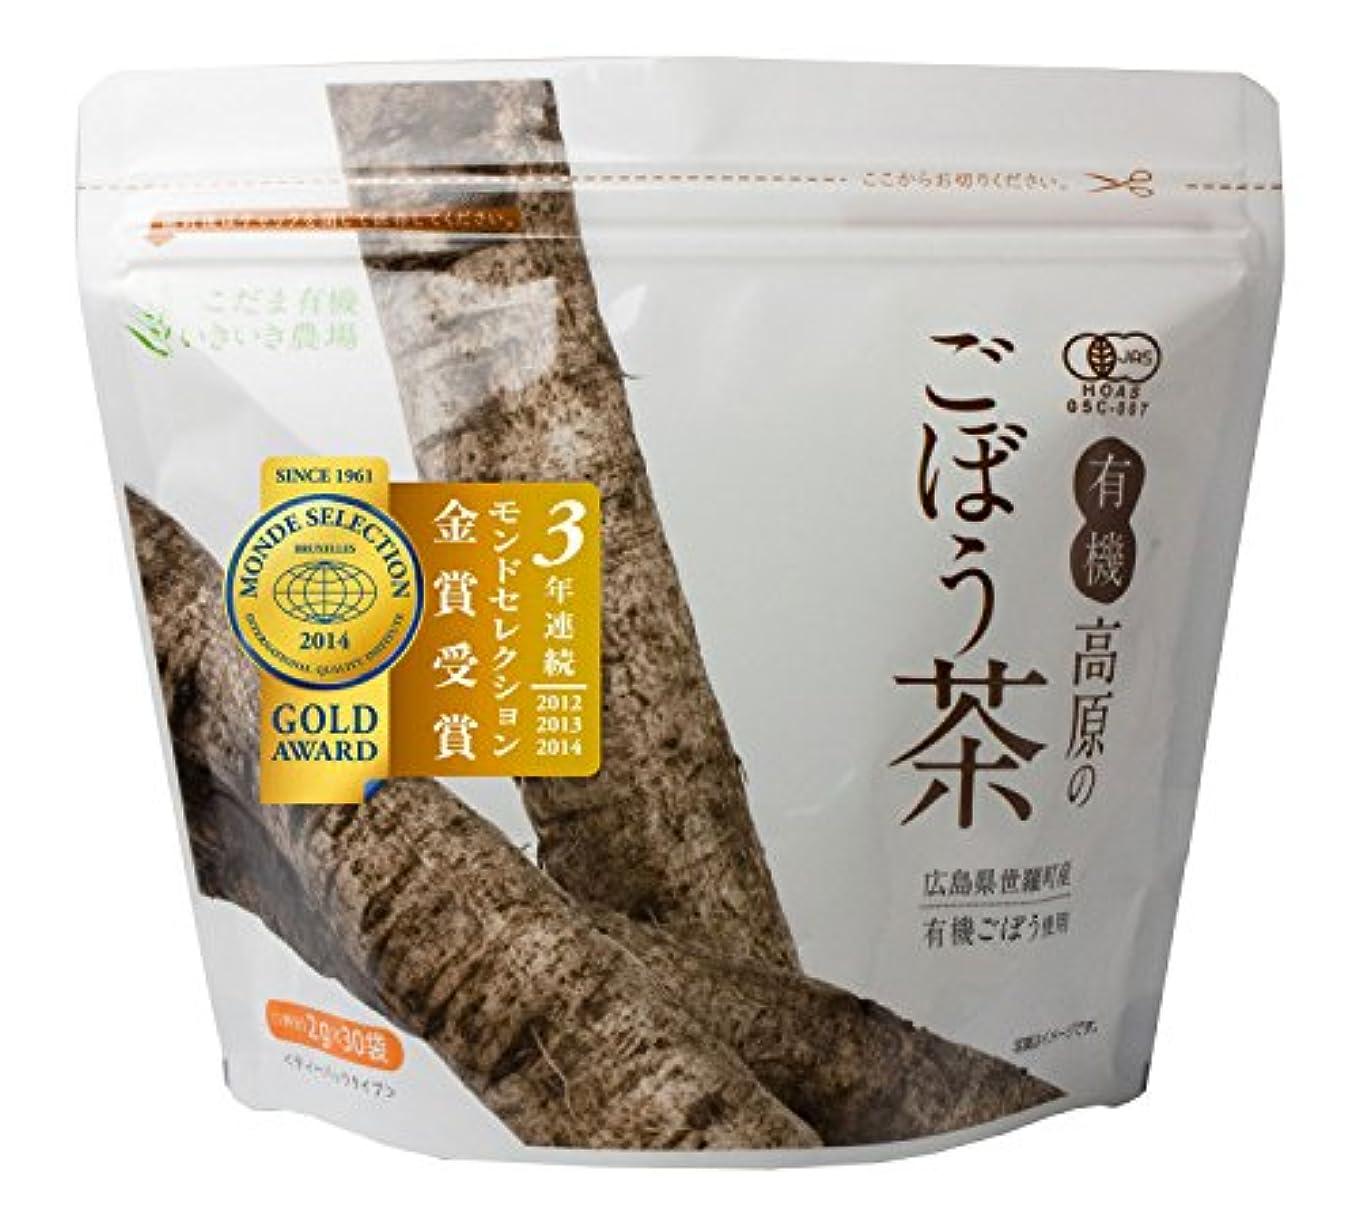 目の前の豊富に薬理学こだま食品 有機高原のごぼう茶 2g×30袋 311037001